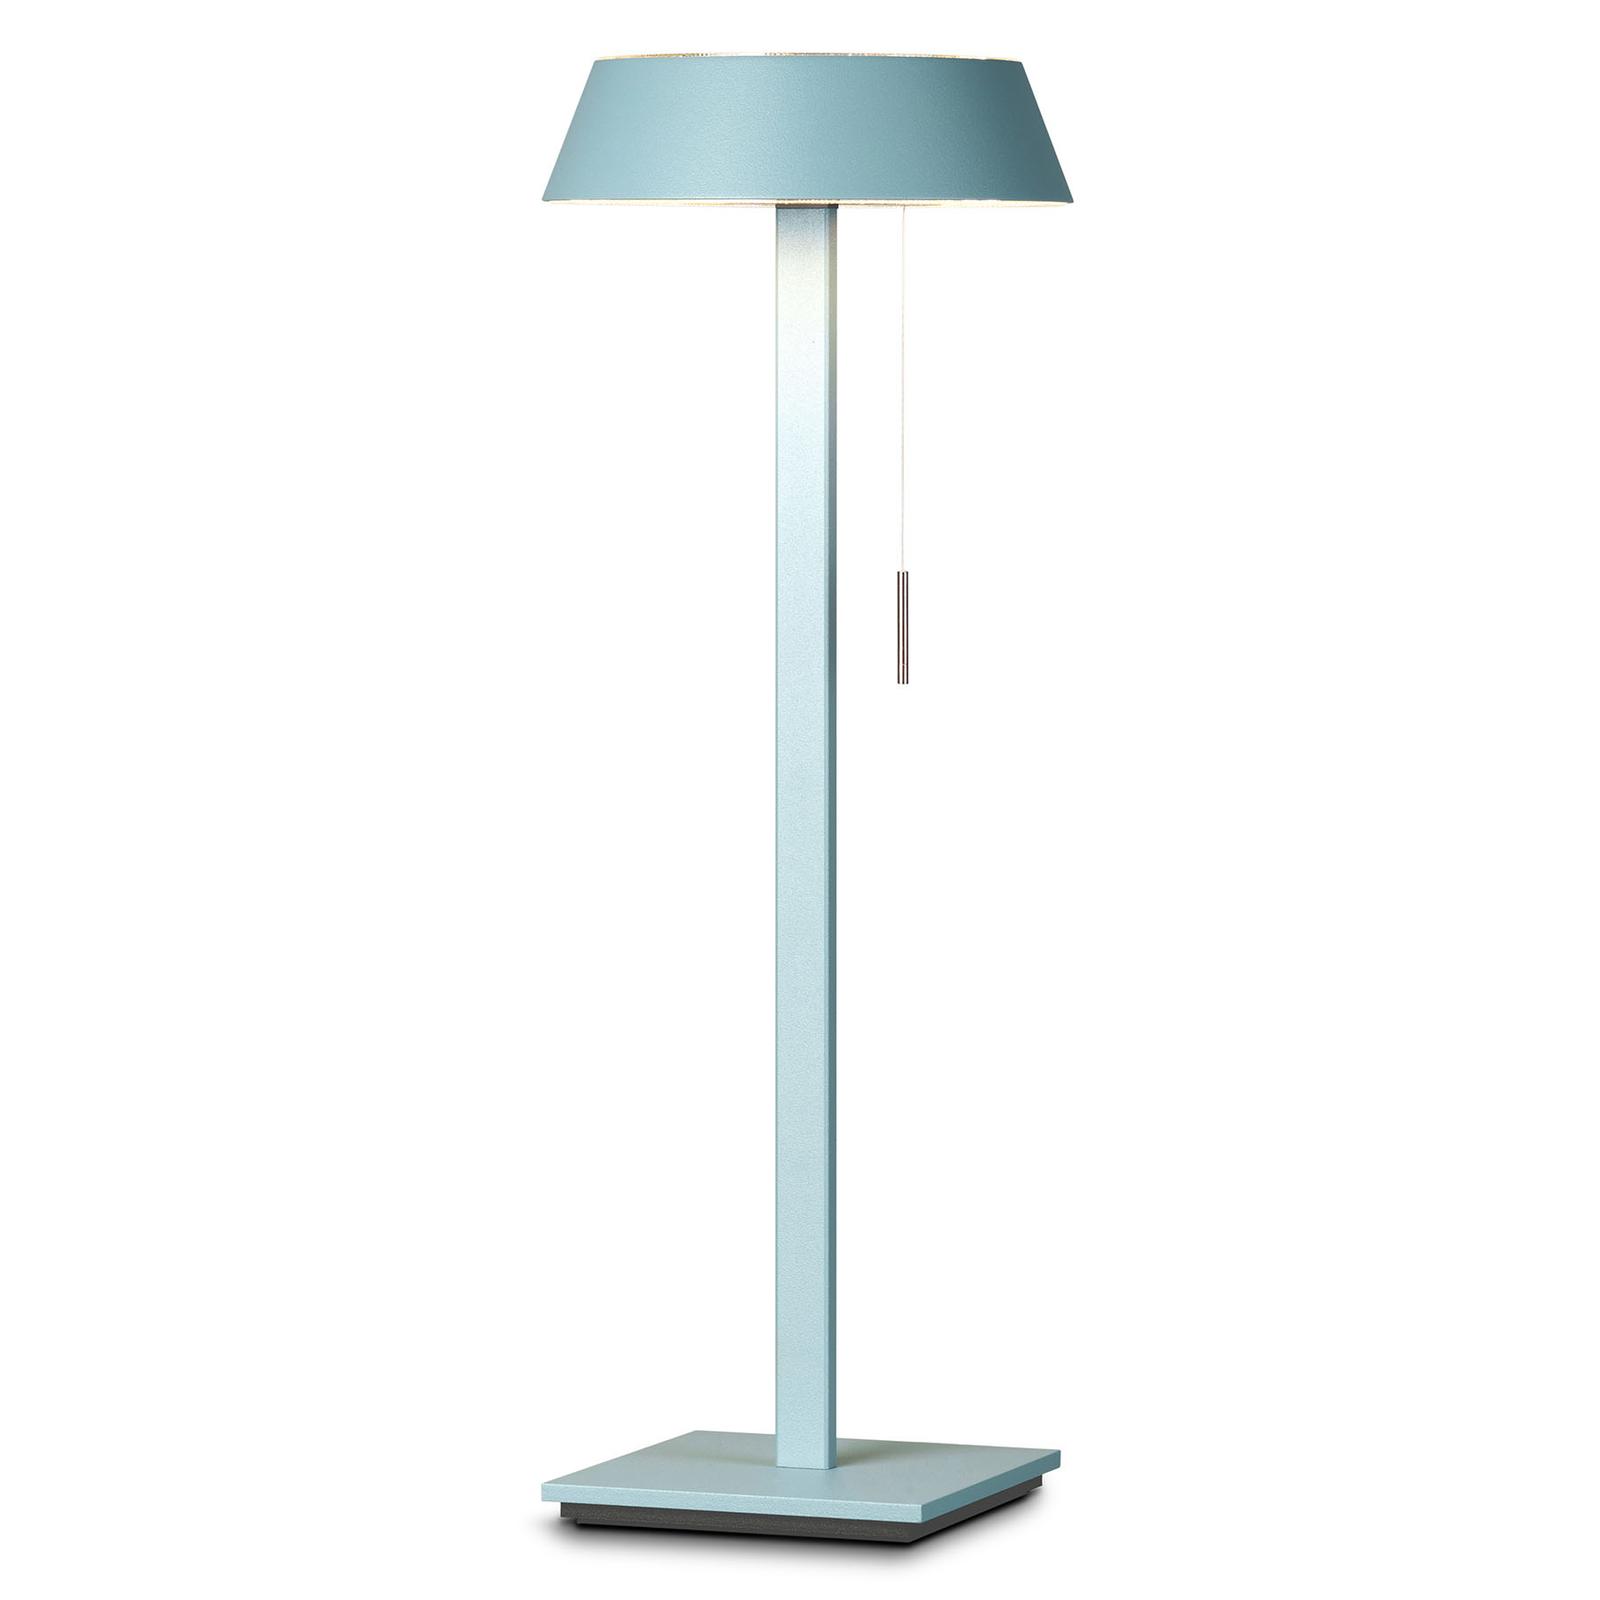 OLIGO Glance LED-Tischlampe aquamarin